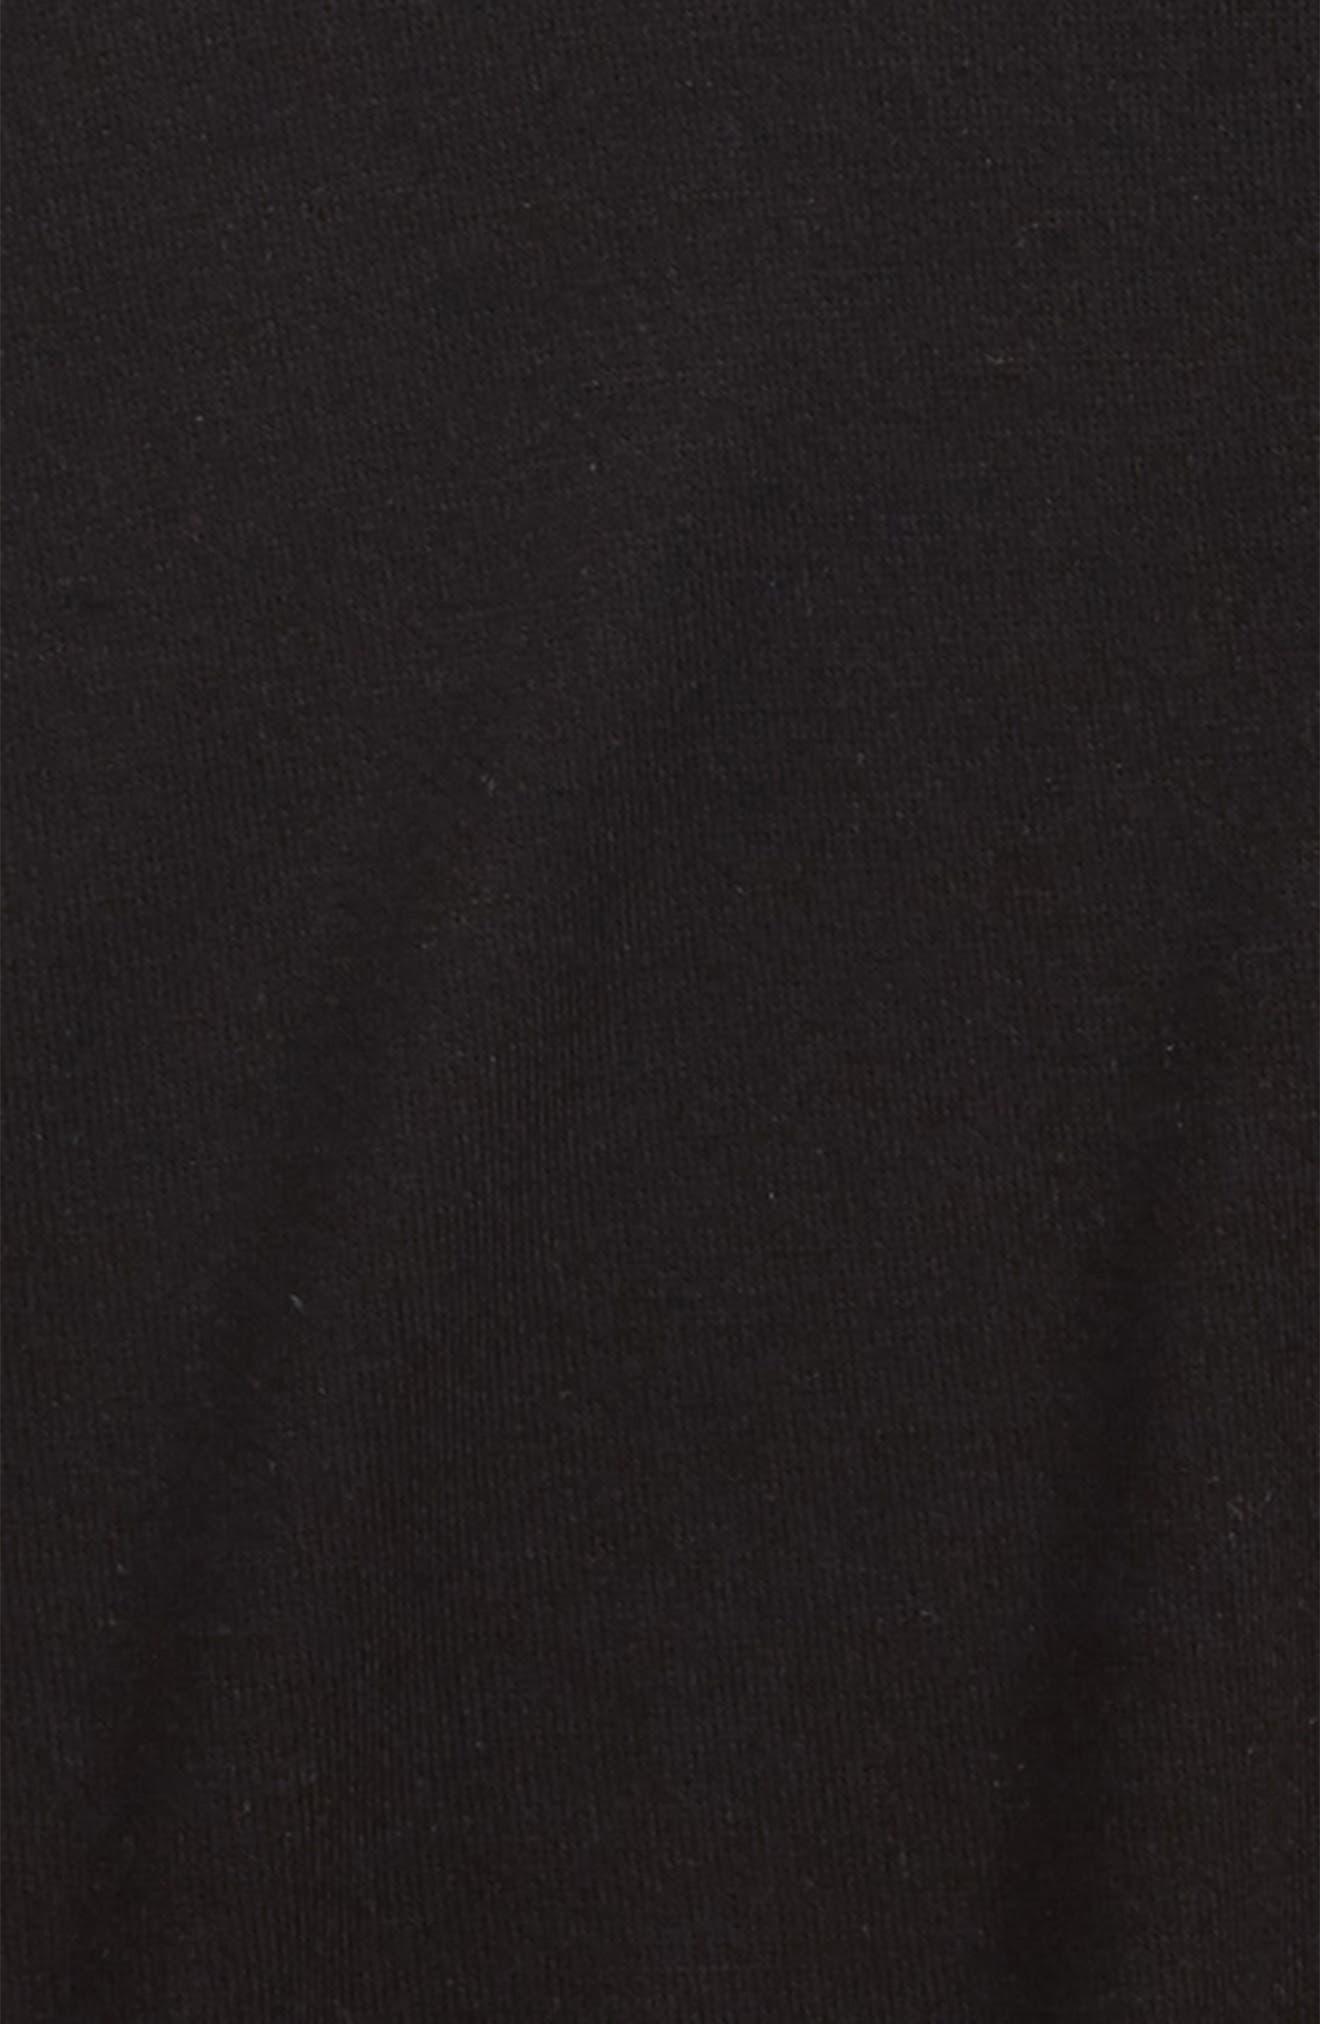 Ruffle Side Sweatshirt,                             Alternate thumbnail 2, color,                             001